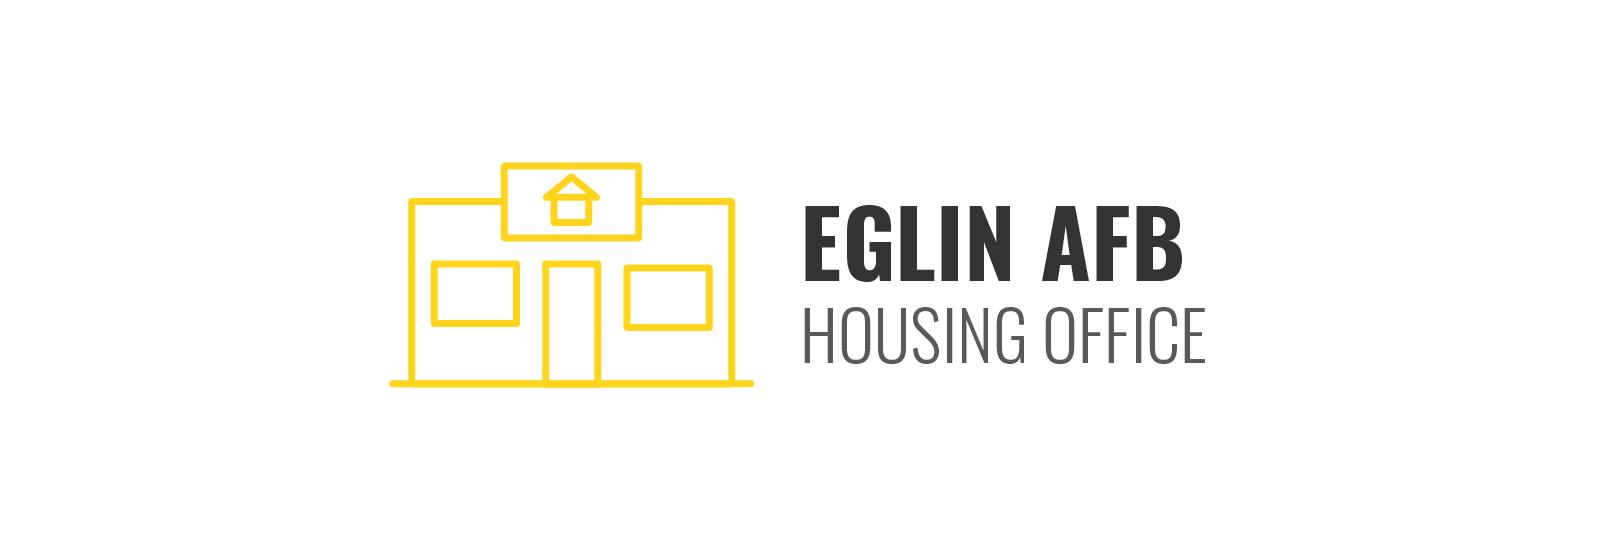 Eglin AFB Housing Office